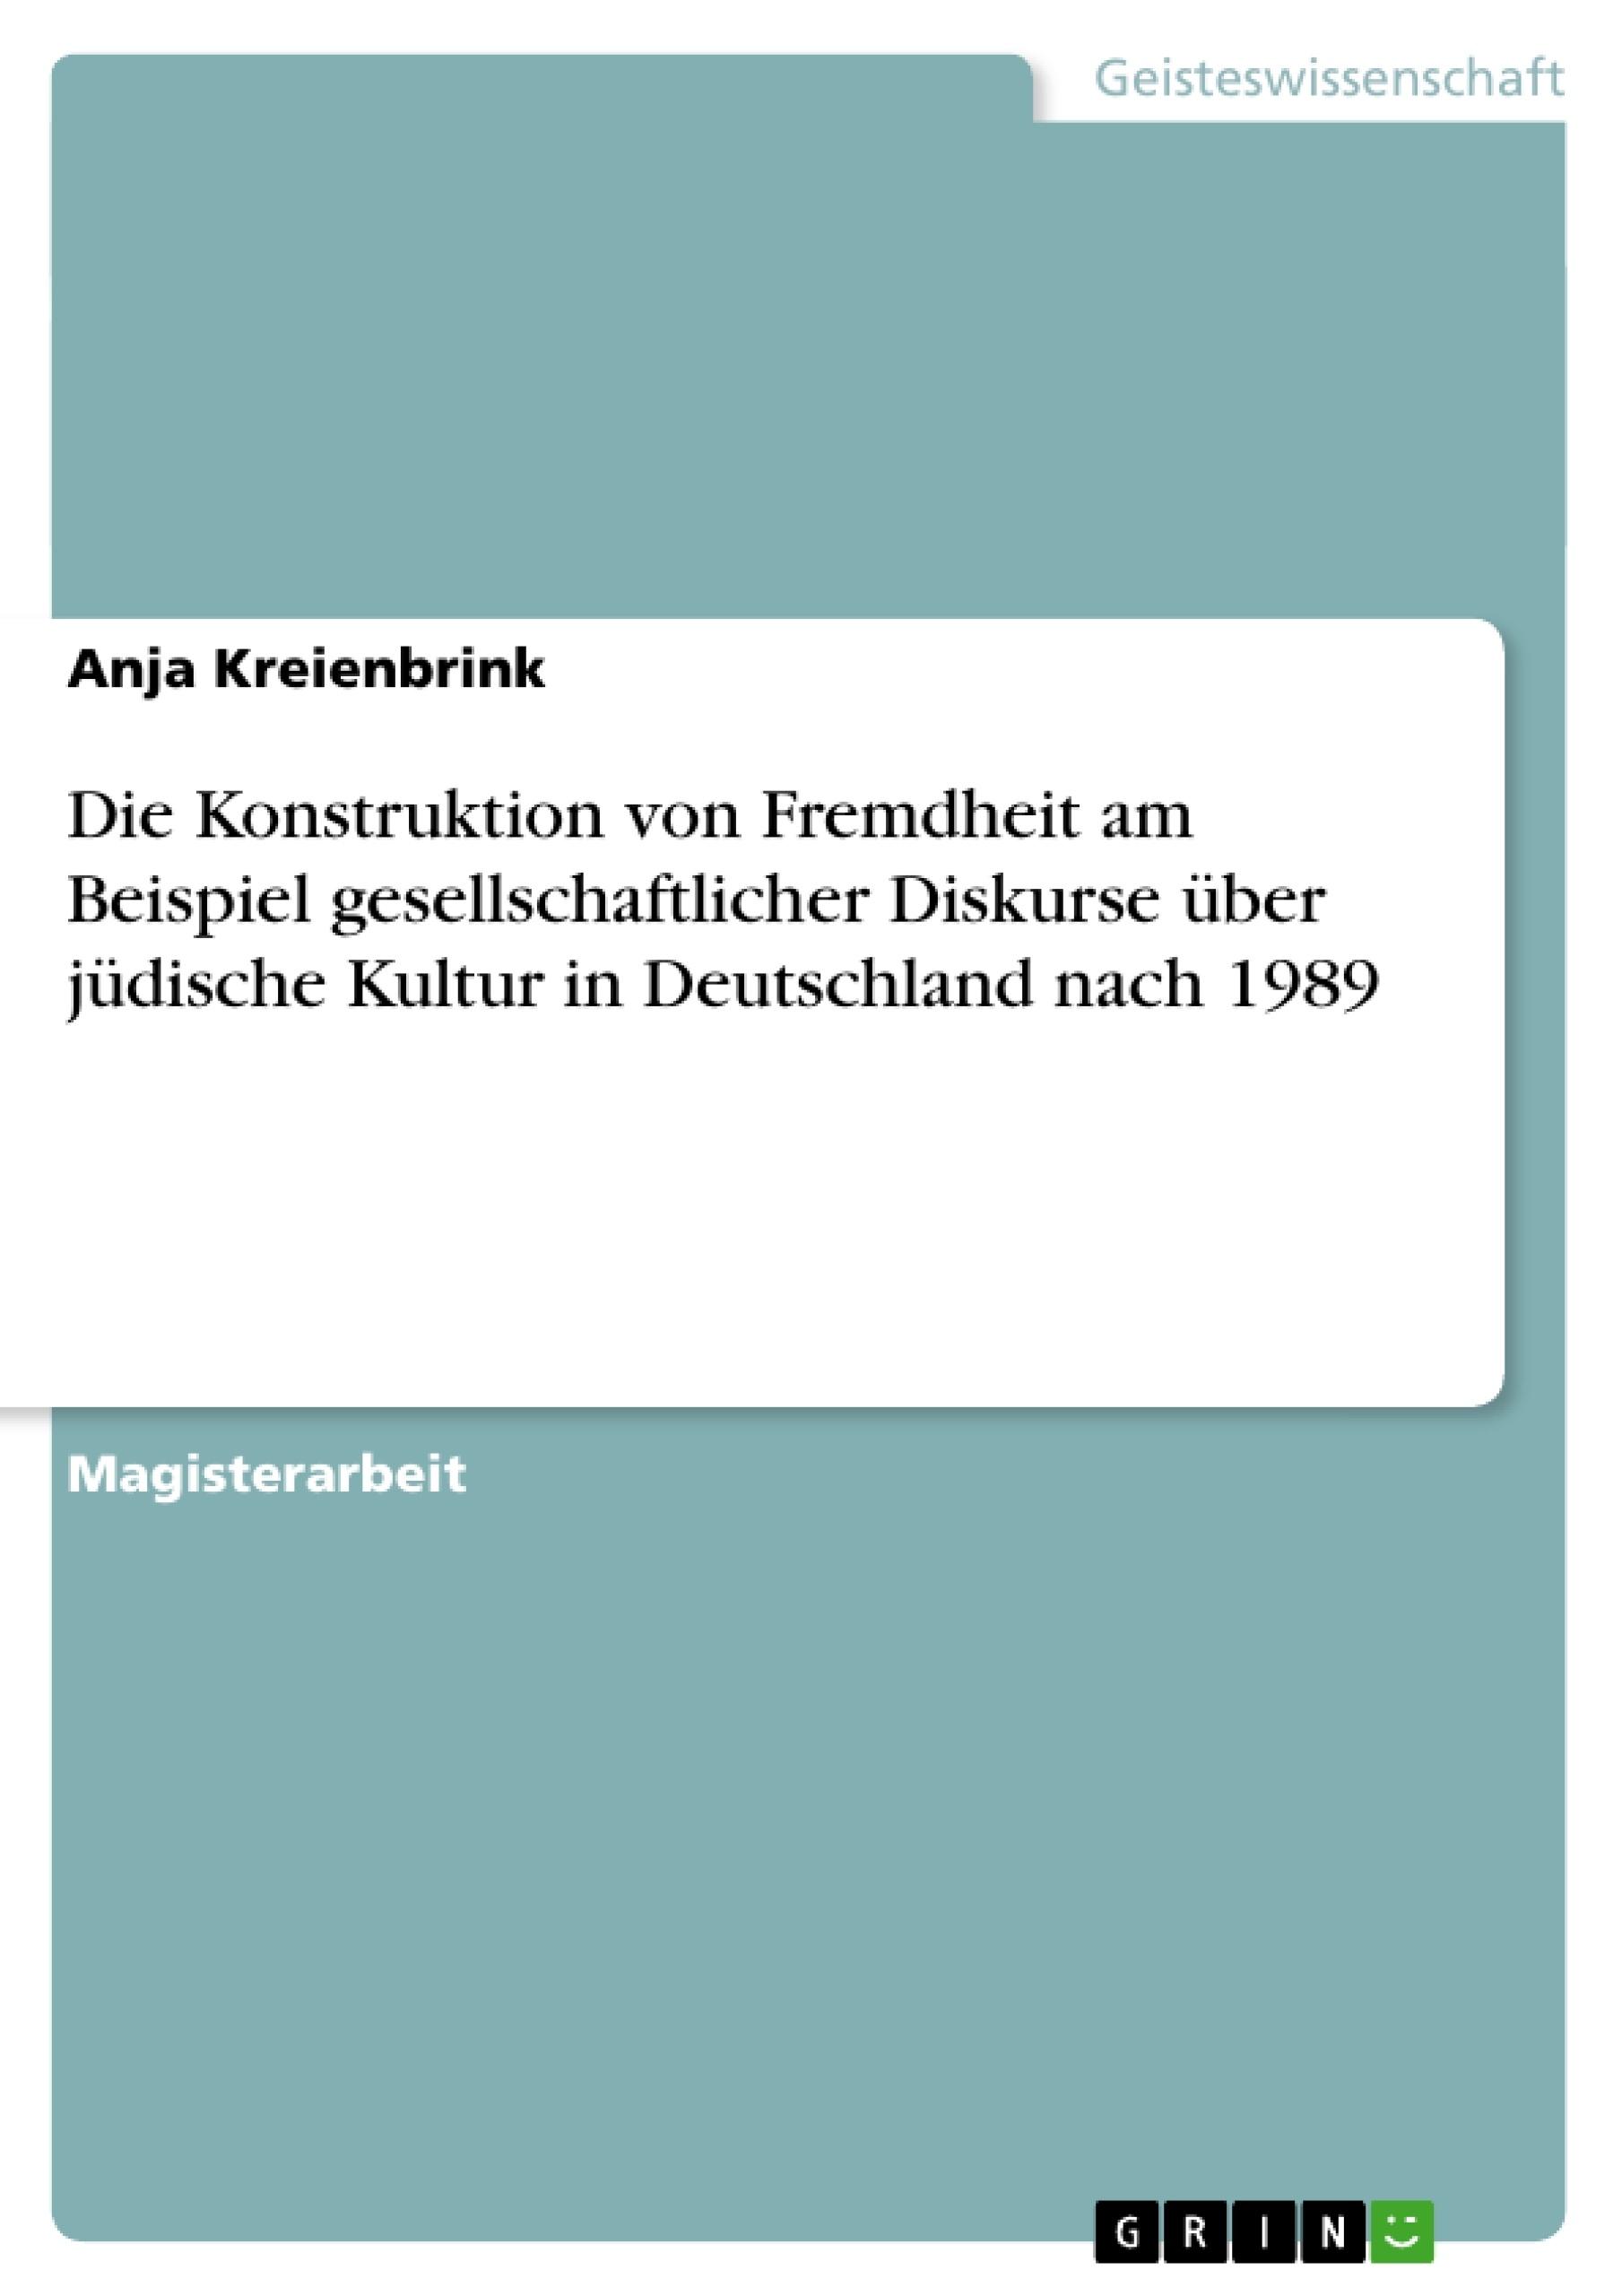 Titel: Die Konstruktion von Fremdheit am Beispiel gesellschaftlicher Diskurse über jüdische Kultur in Deutschland nach 1989